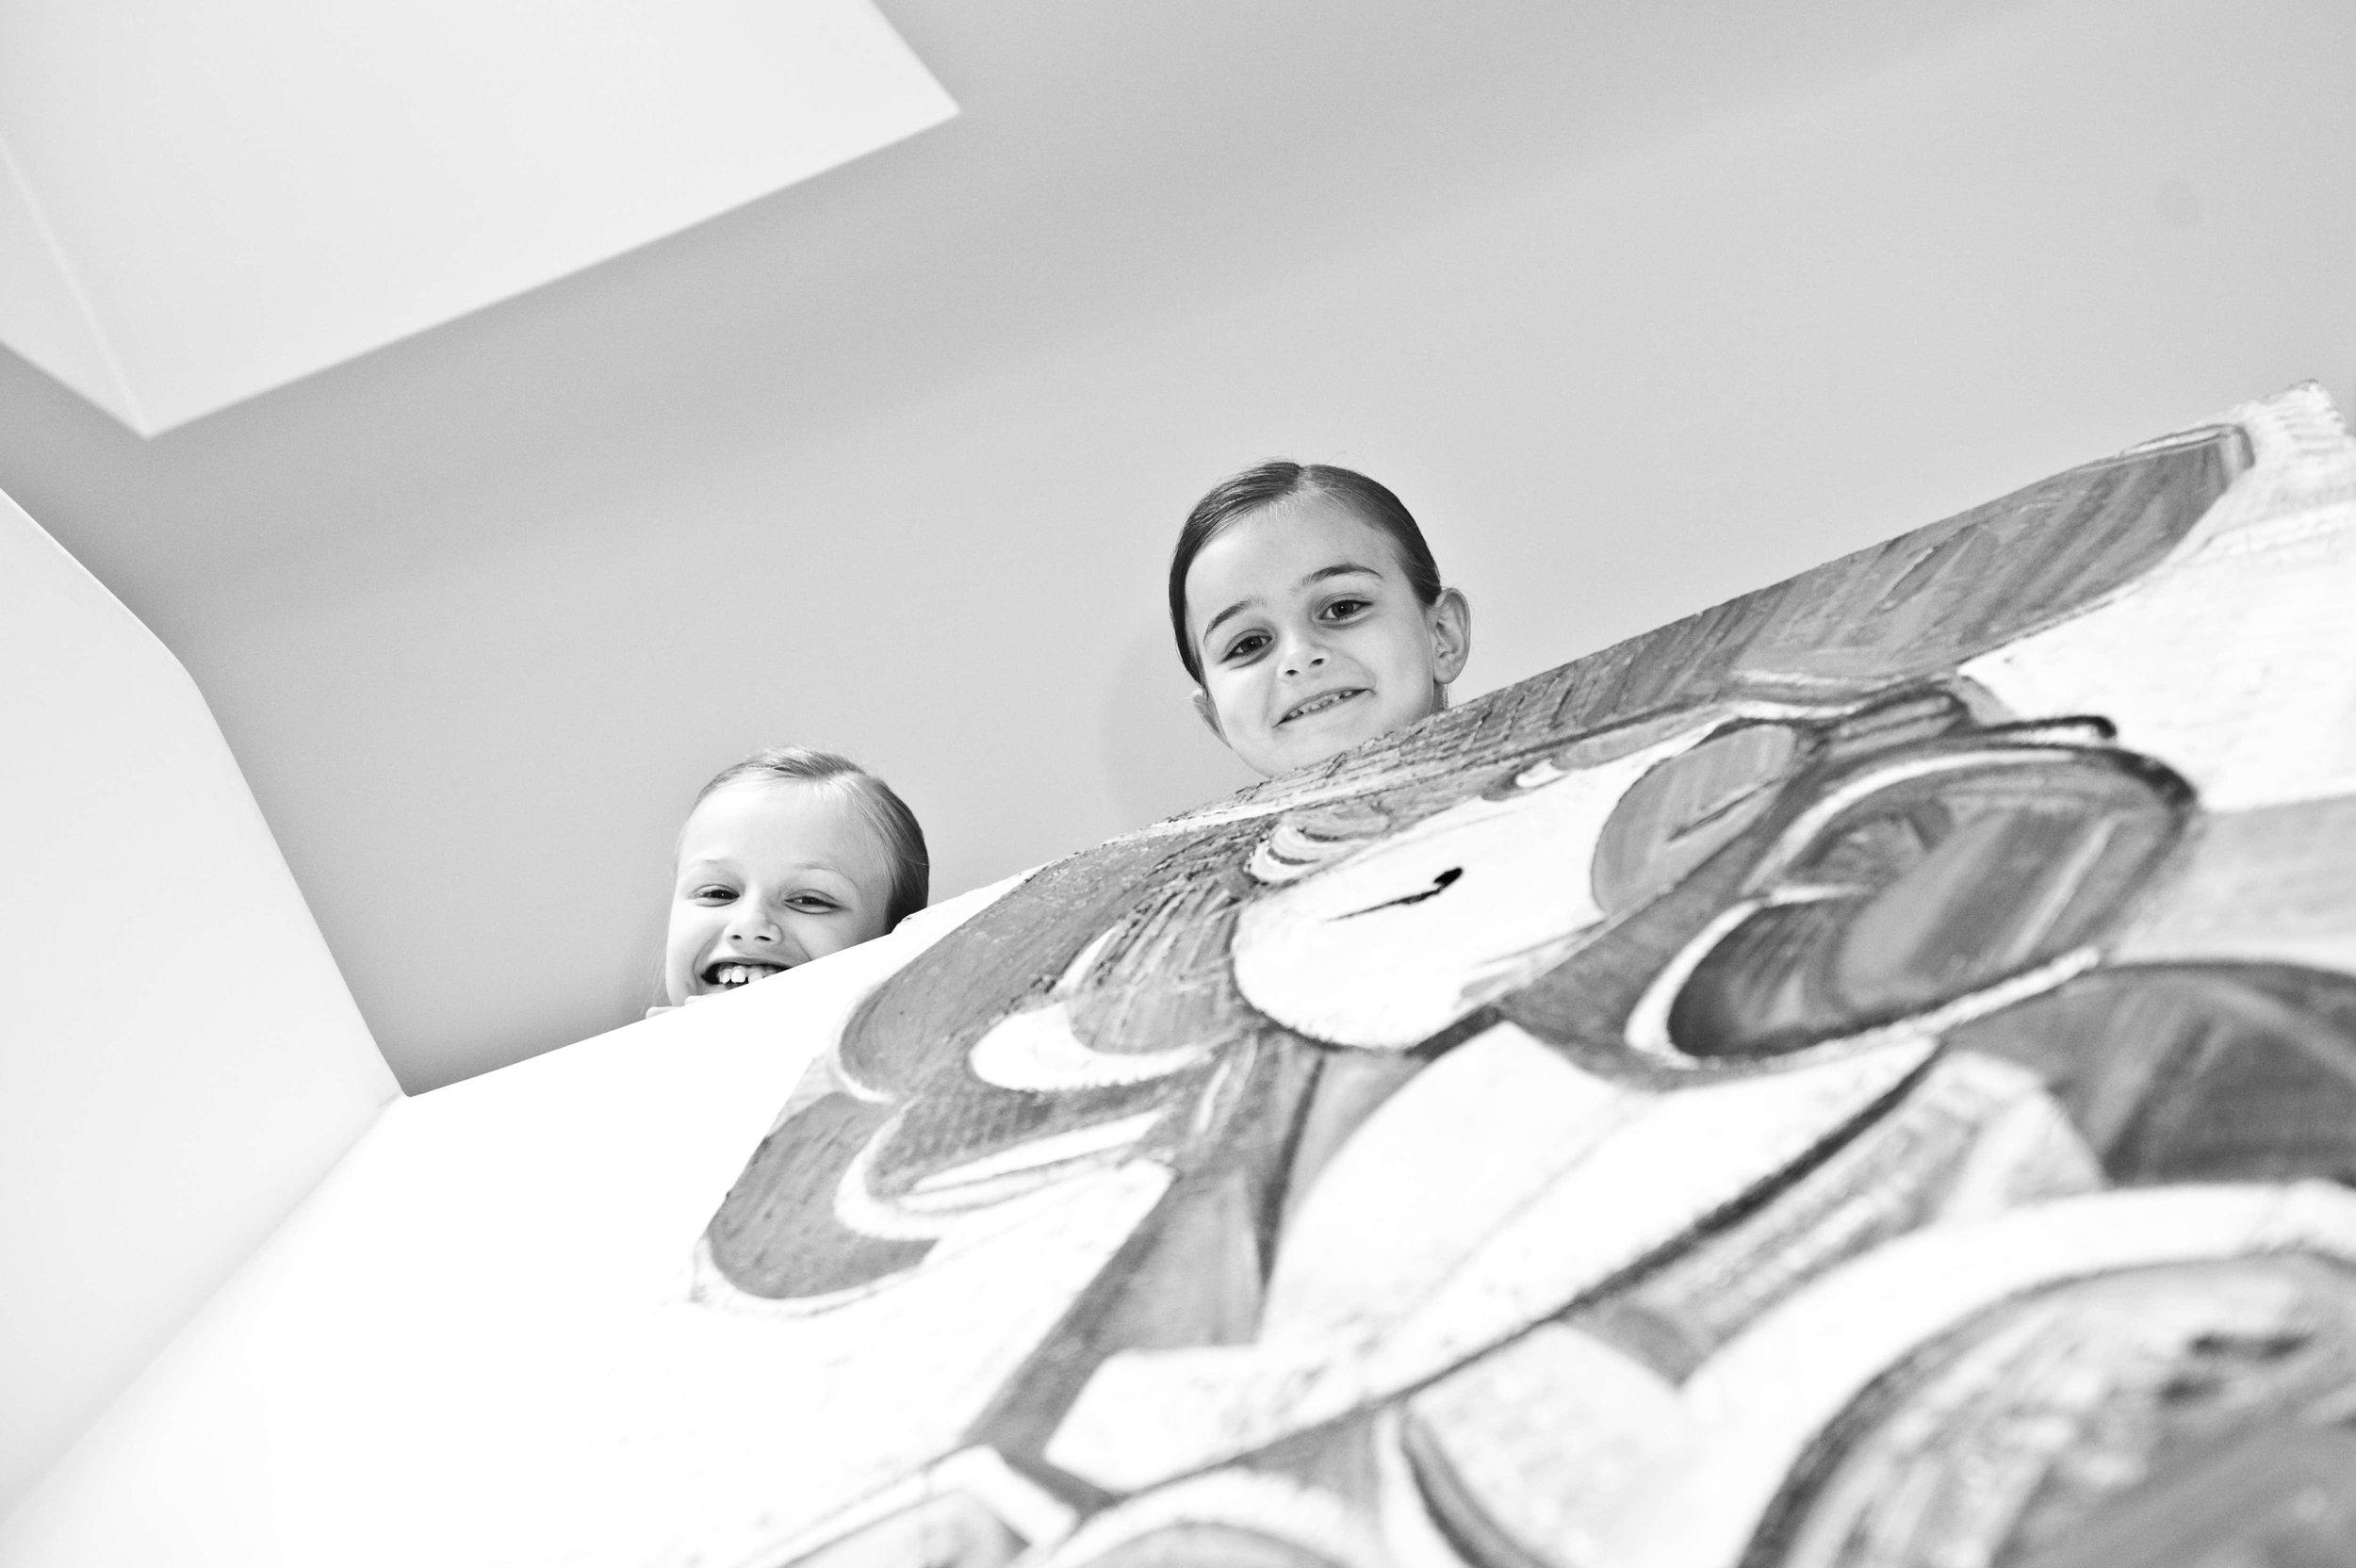 Bart Albrecht fotograaf photographer belgium belgie anbtwerpen antwerp wedding huwelijk huwelijksfotograaf trouwfotograaf trouw bruid bruidegom trouwkleed ceremonie weddingdress topphotographer topfotograaf beste best top 10 179.jpg